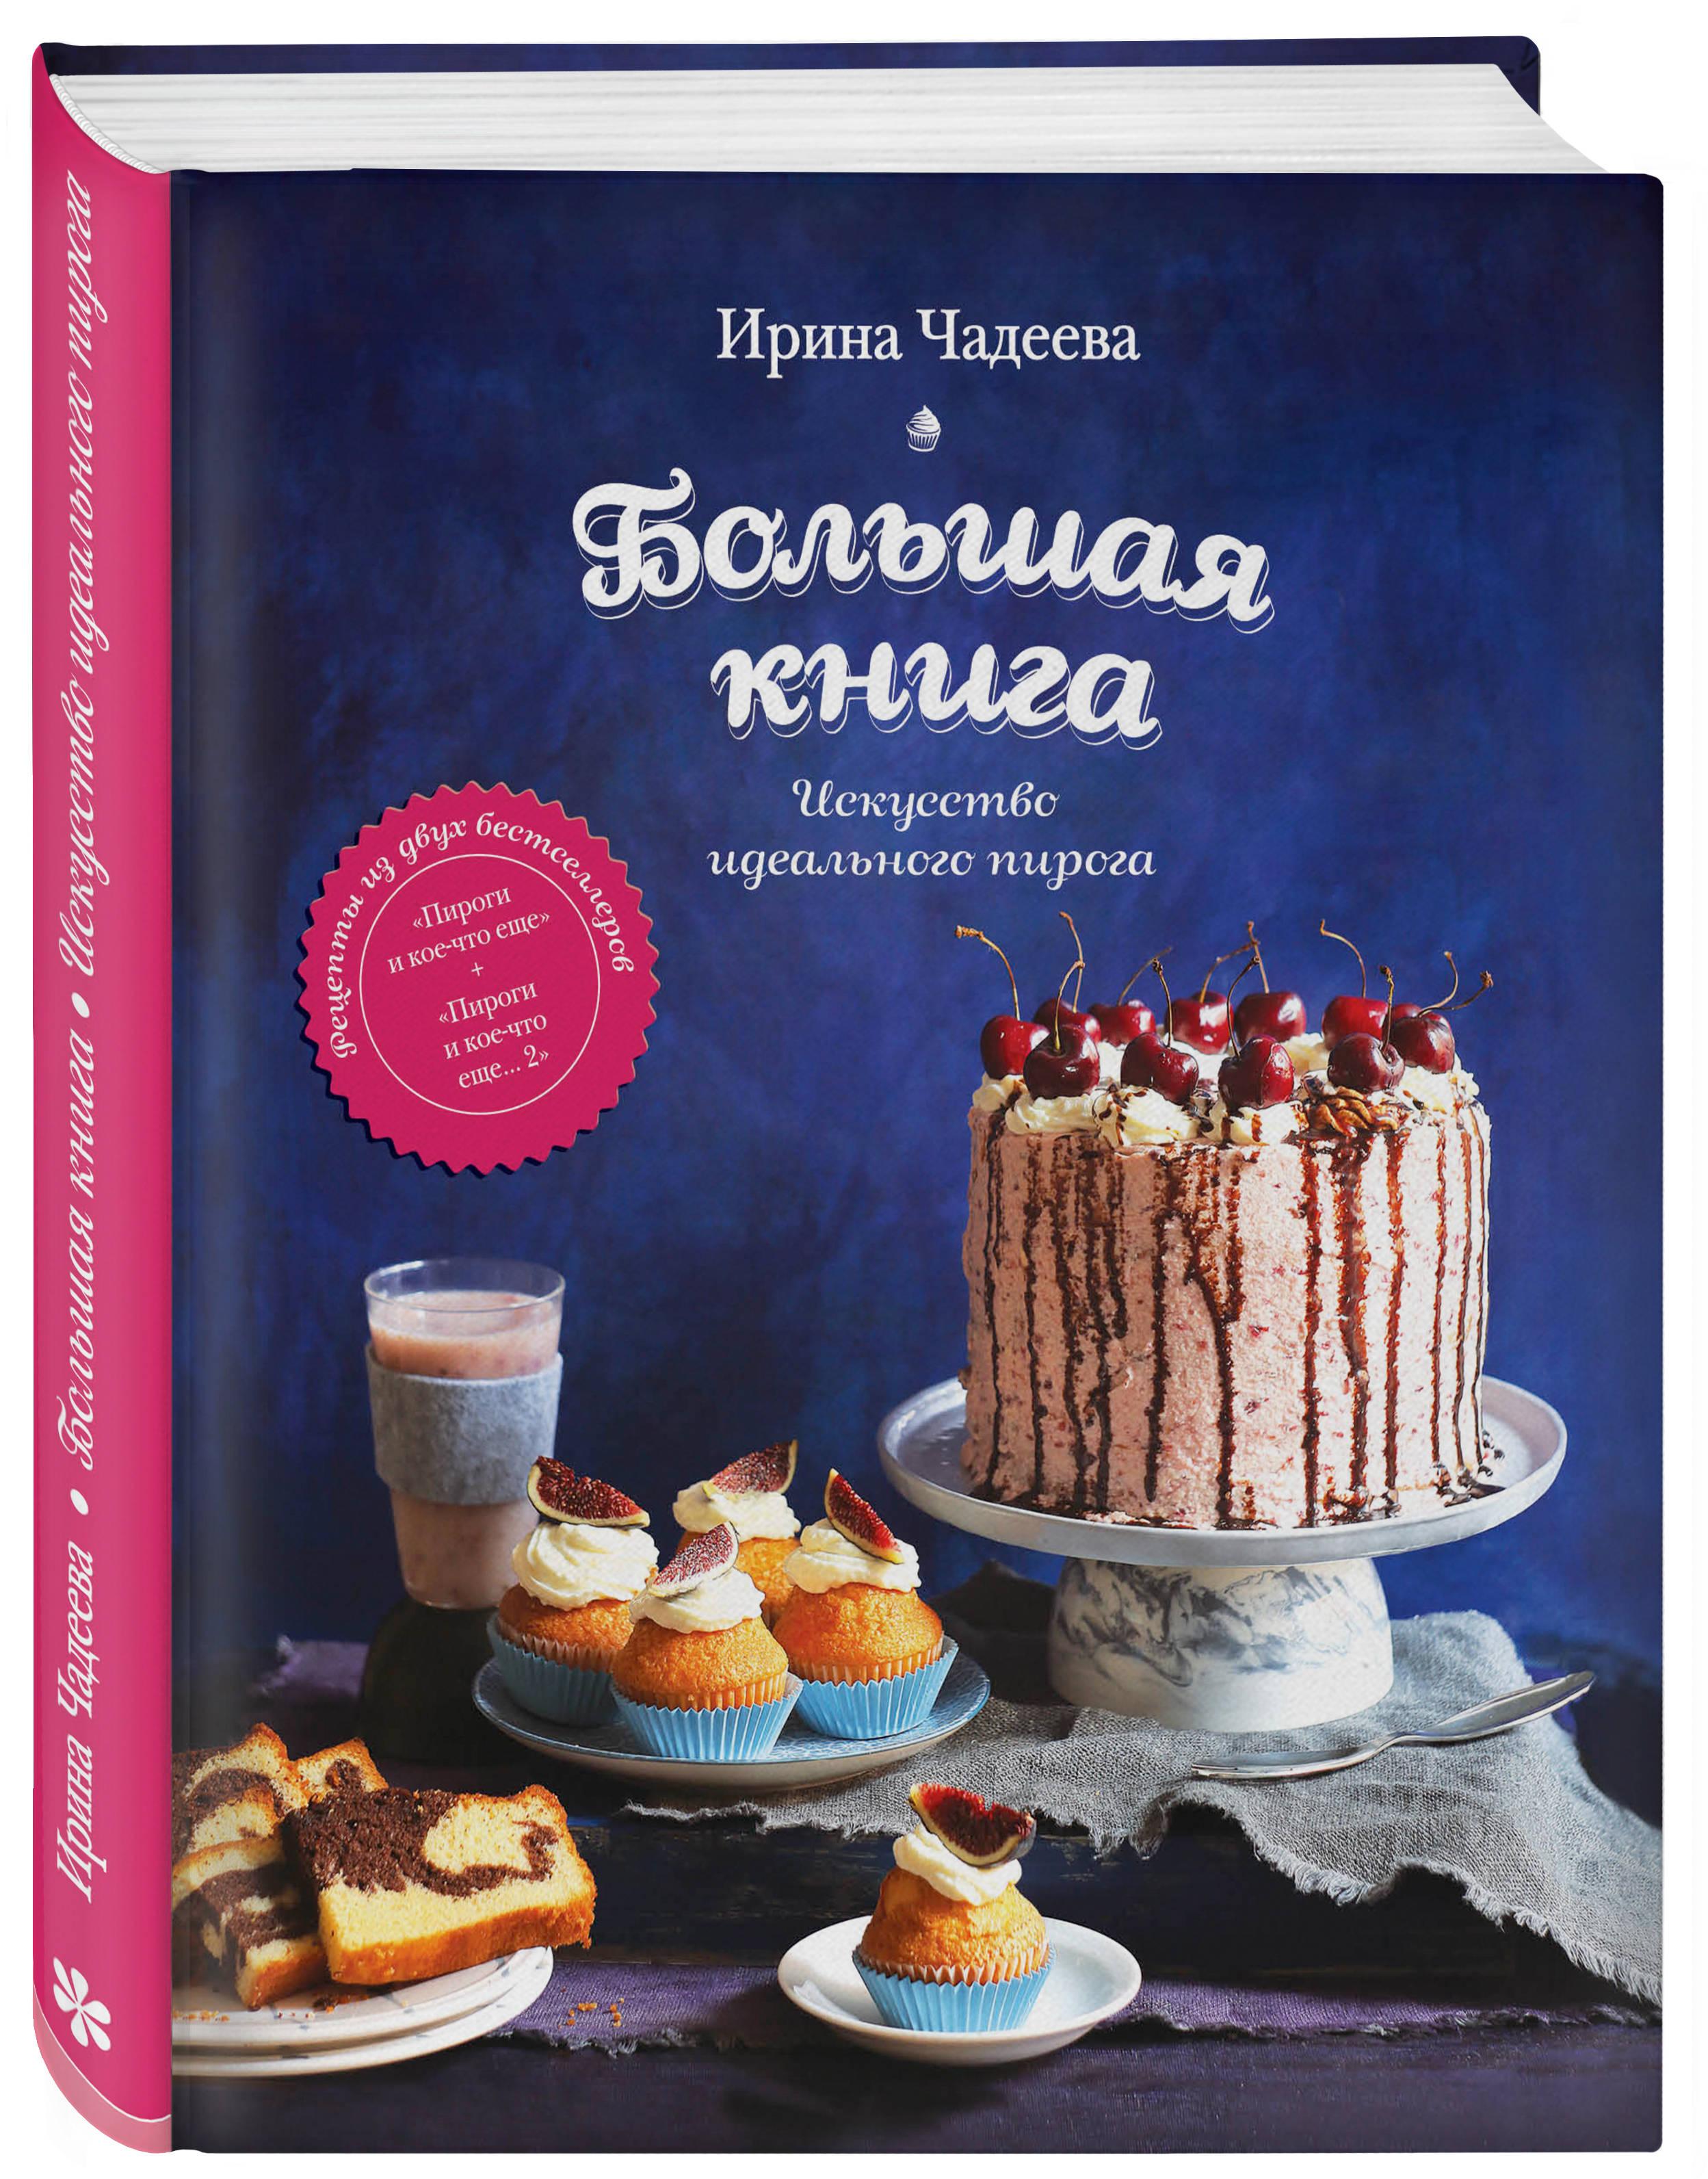 Чадеева И. Искусство идеального пирога. Большая книга готовим пироги торты хлеб и кое что еще